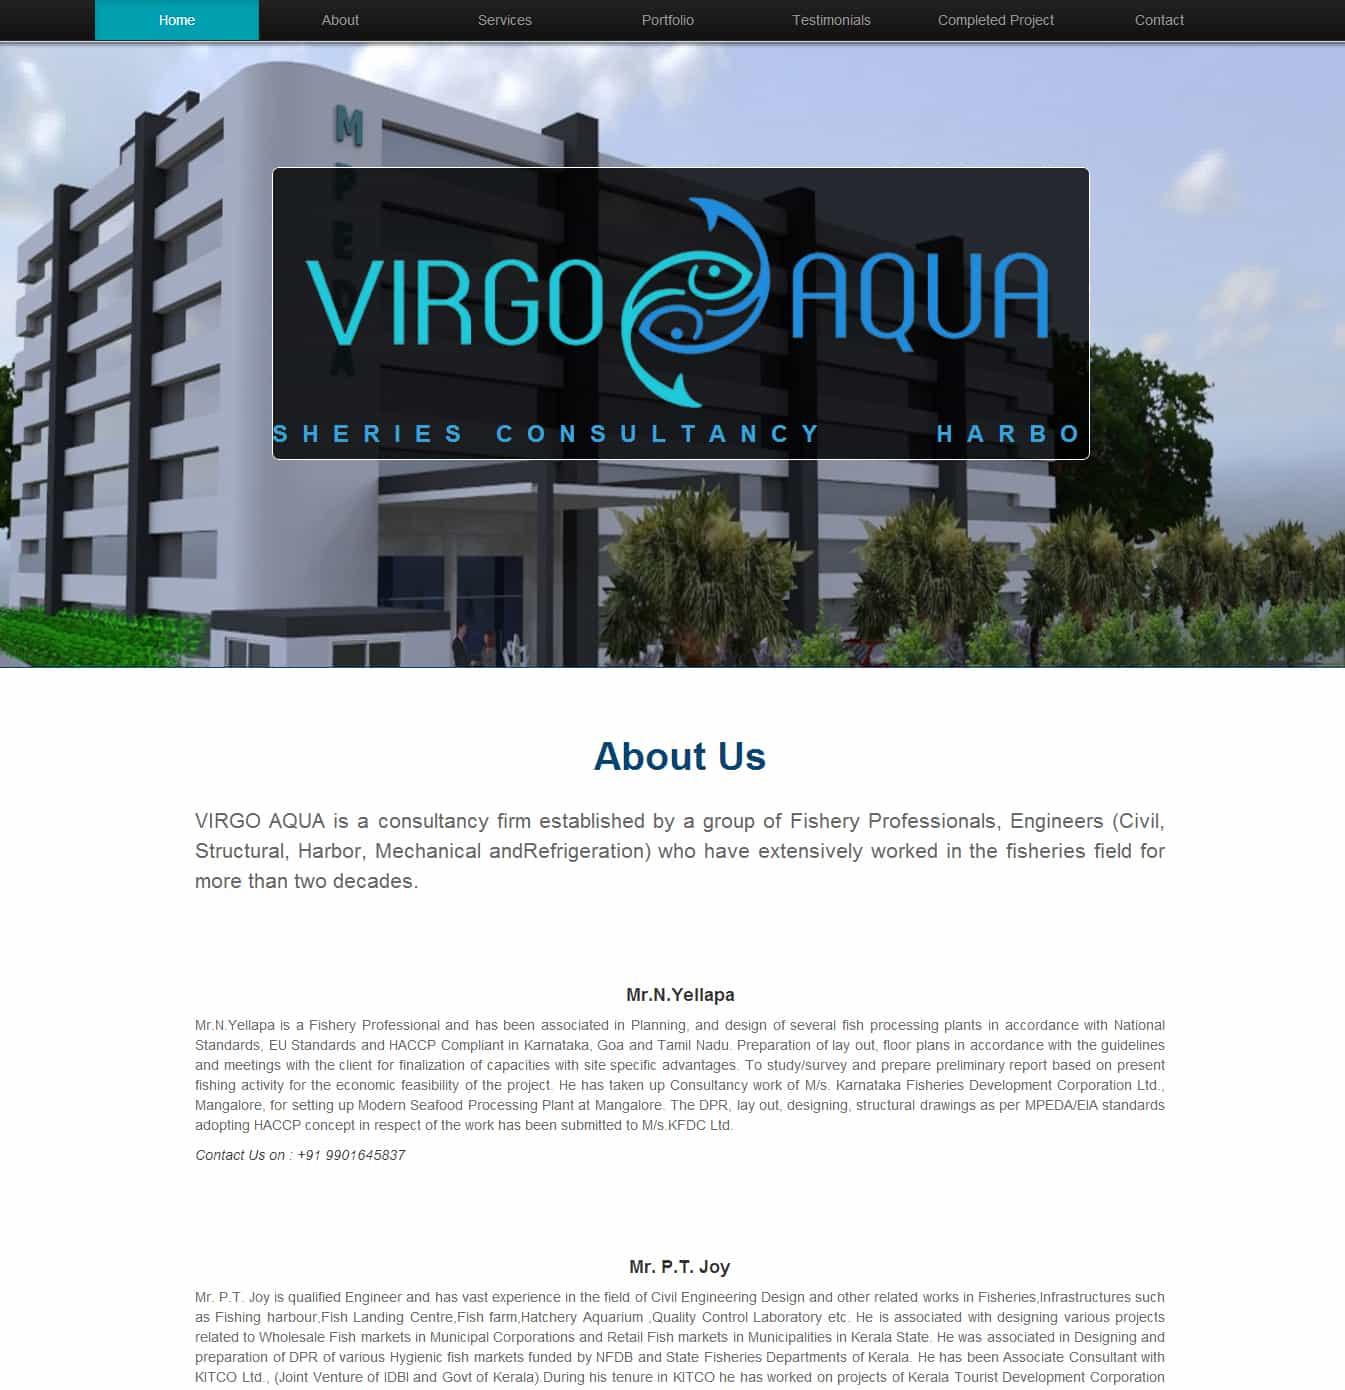 Virgo Aqua